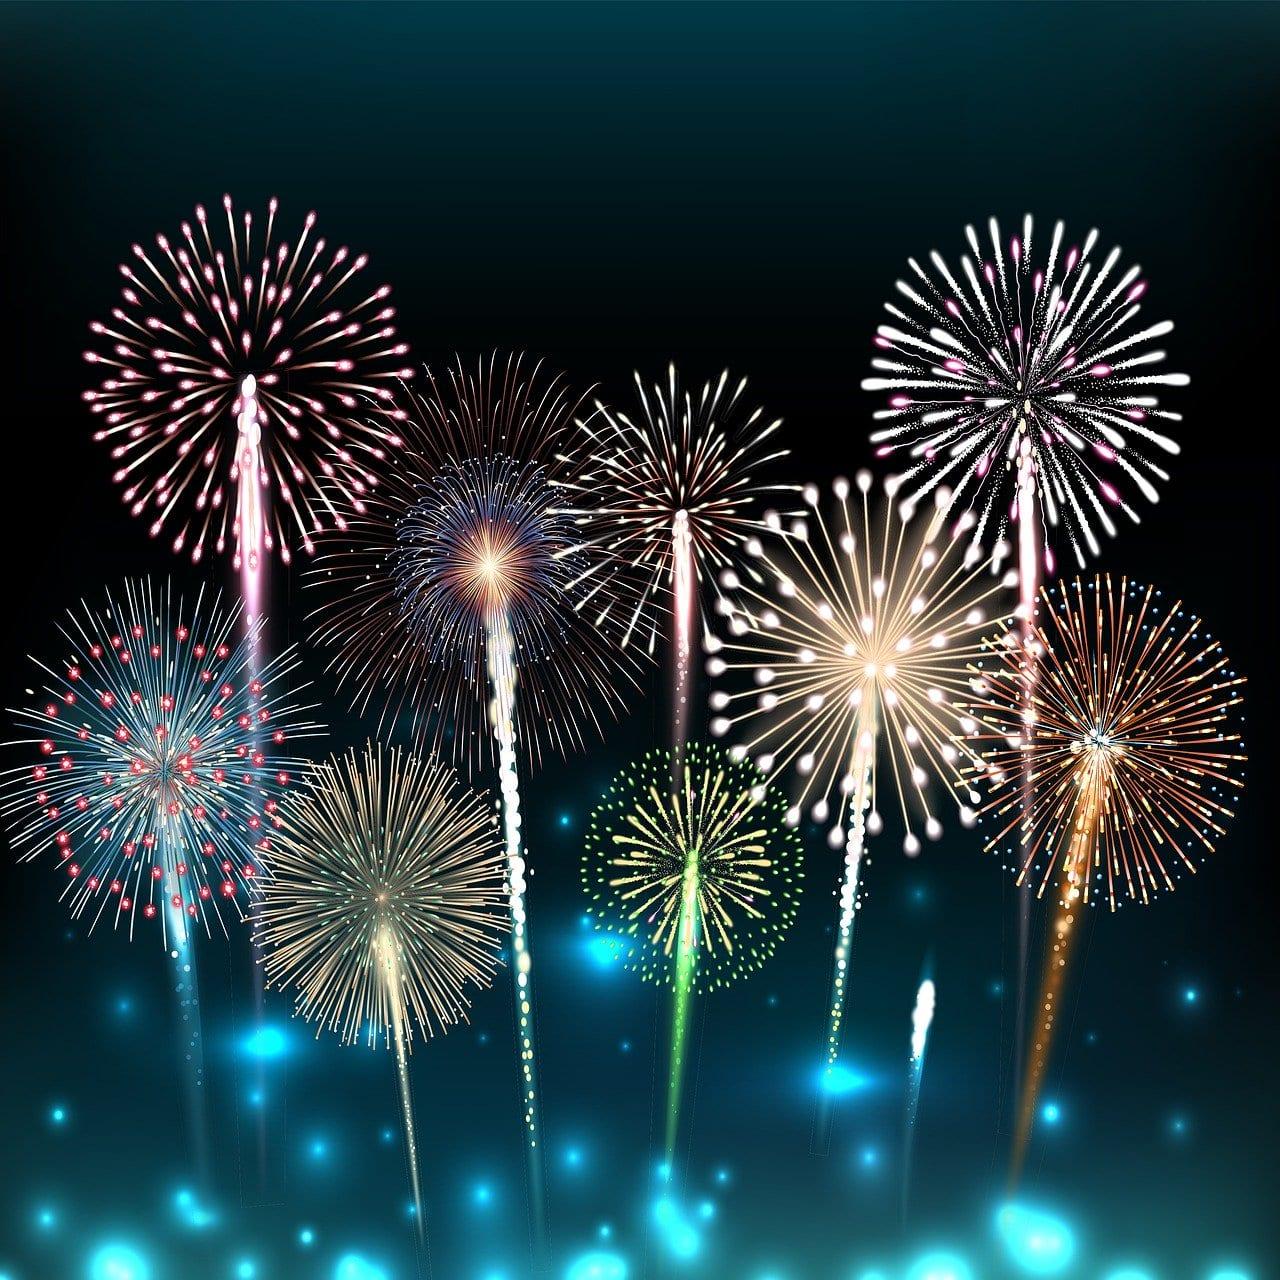 [PLR] Happy New Year